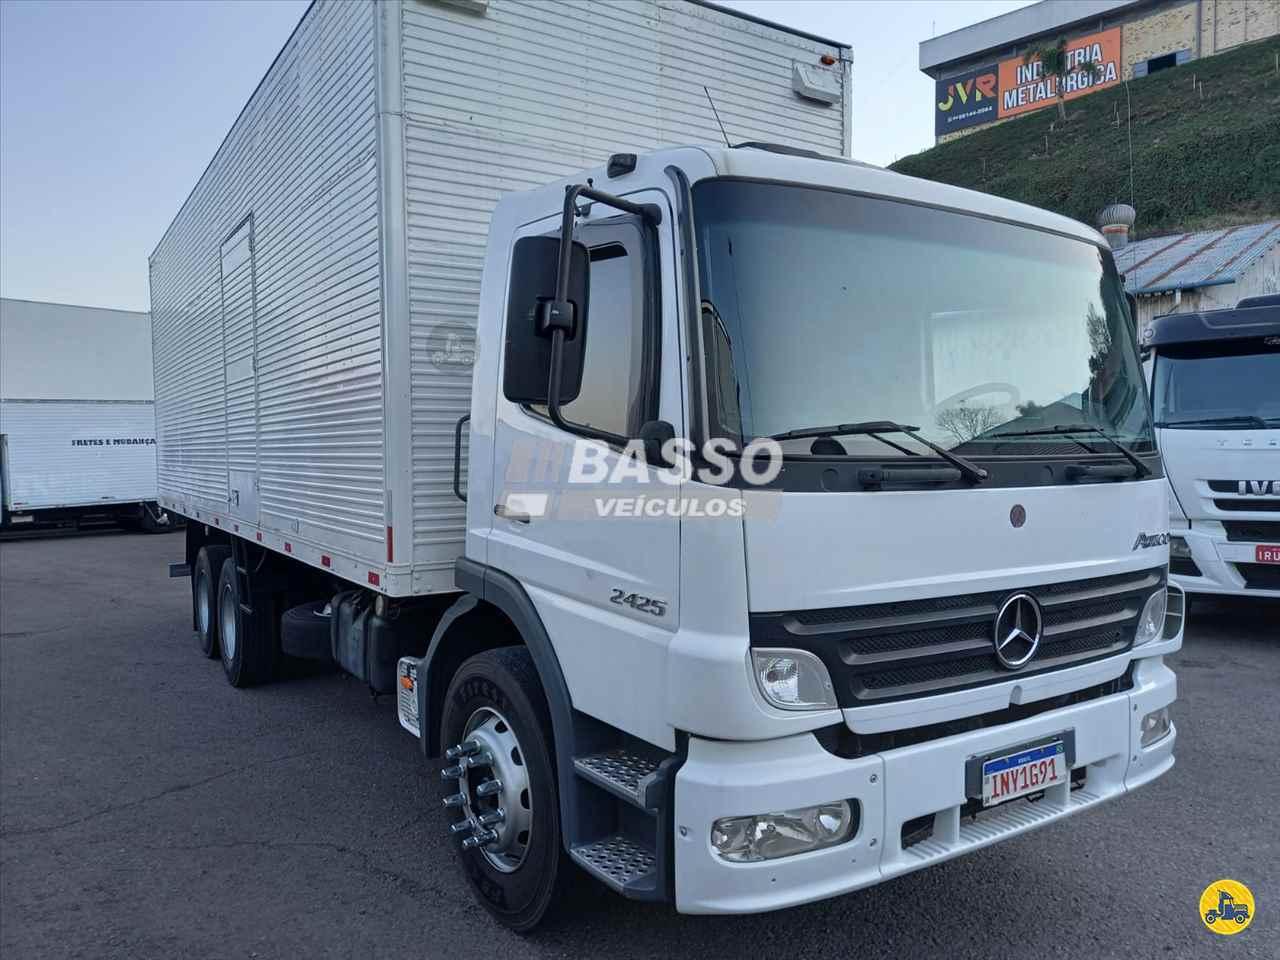 CAMINHAO MERCEDES-BENZ MB 2425 Baú Furgão Truck 6x2 Basso Veículos GARIBALDI RIO GRANDE DO SUL RS